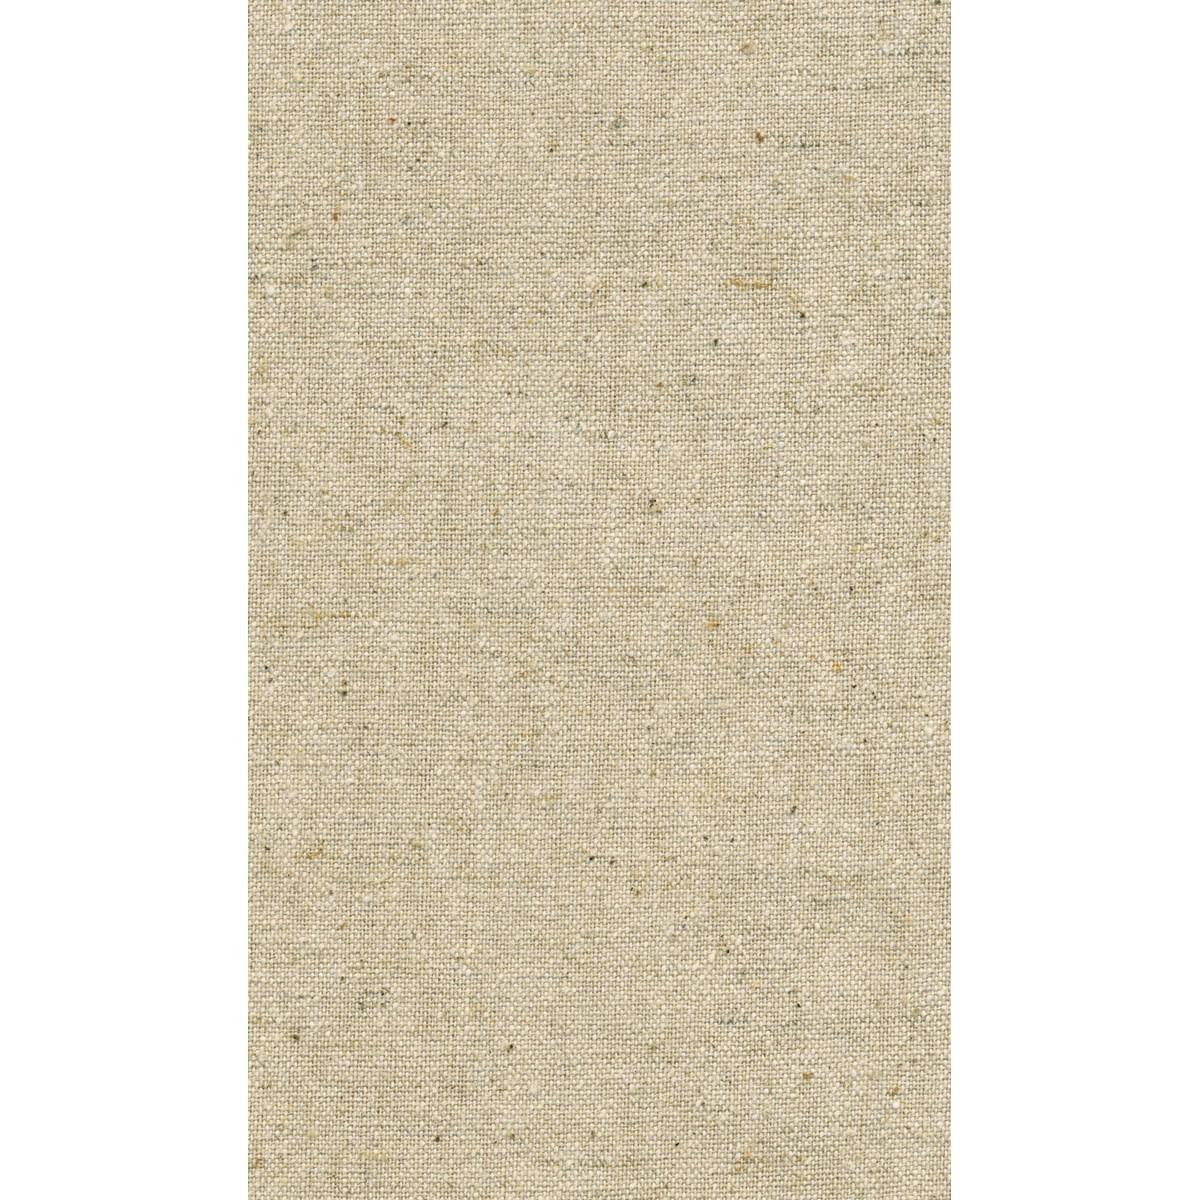 麻キャンバス 巾110cm 原反 約12m 生成/H8001R【01】【取寄】[12m]《 手芸用品 生地・芯地 キャンバス・ガーゼ 》